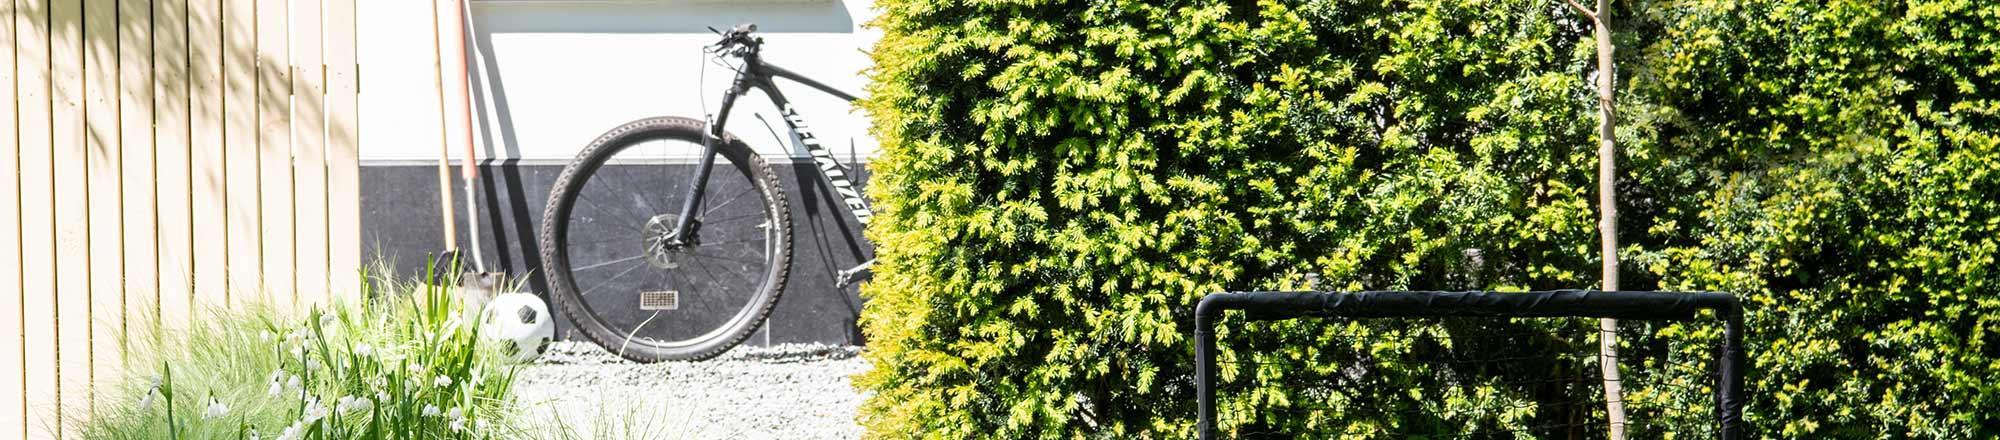 Tuinafscheiding kiezen: groen, natuurlijk of hout?